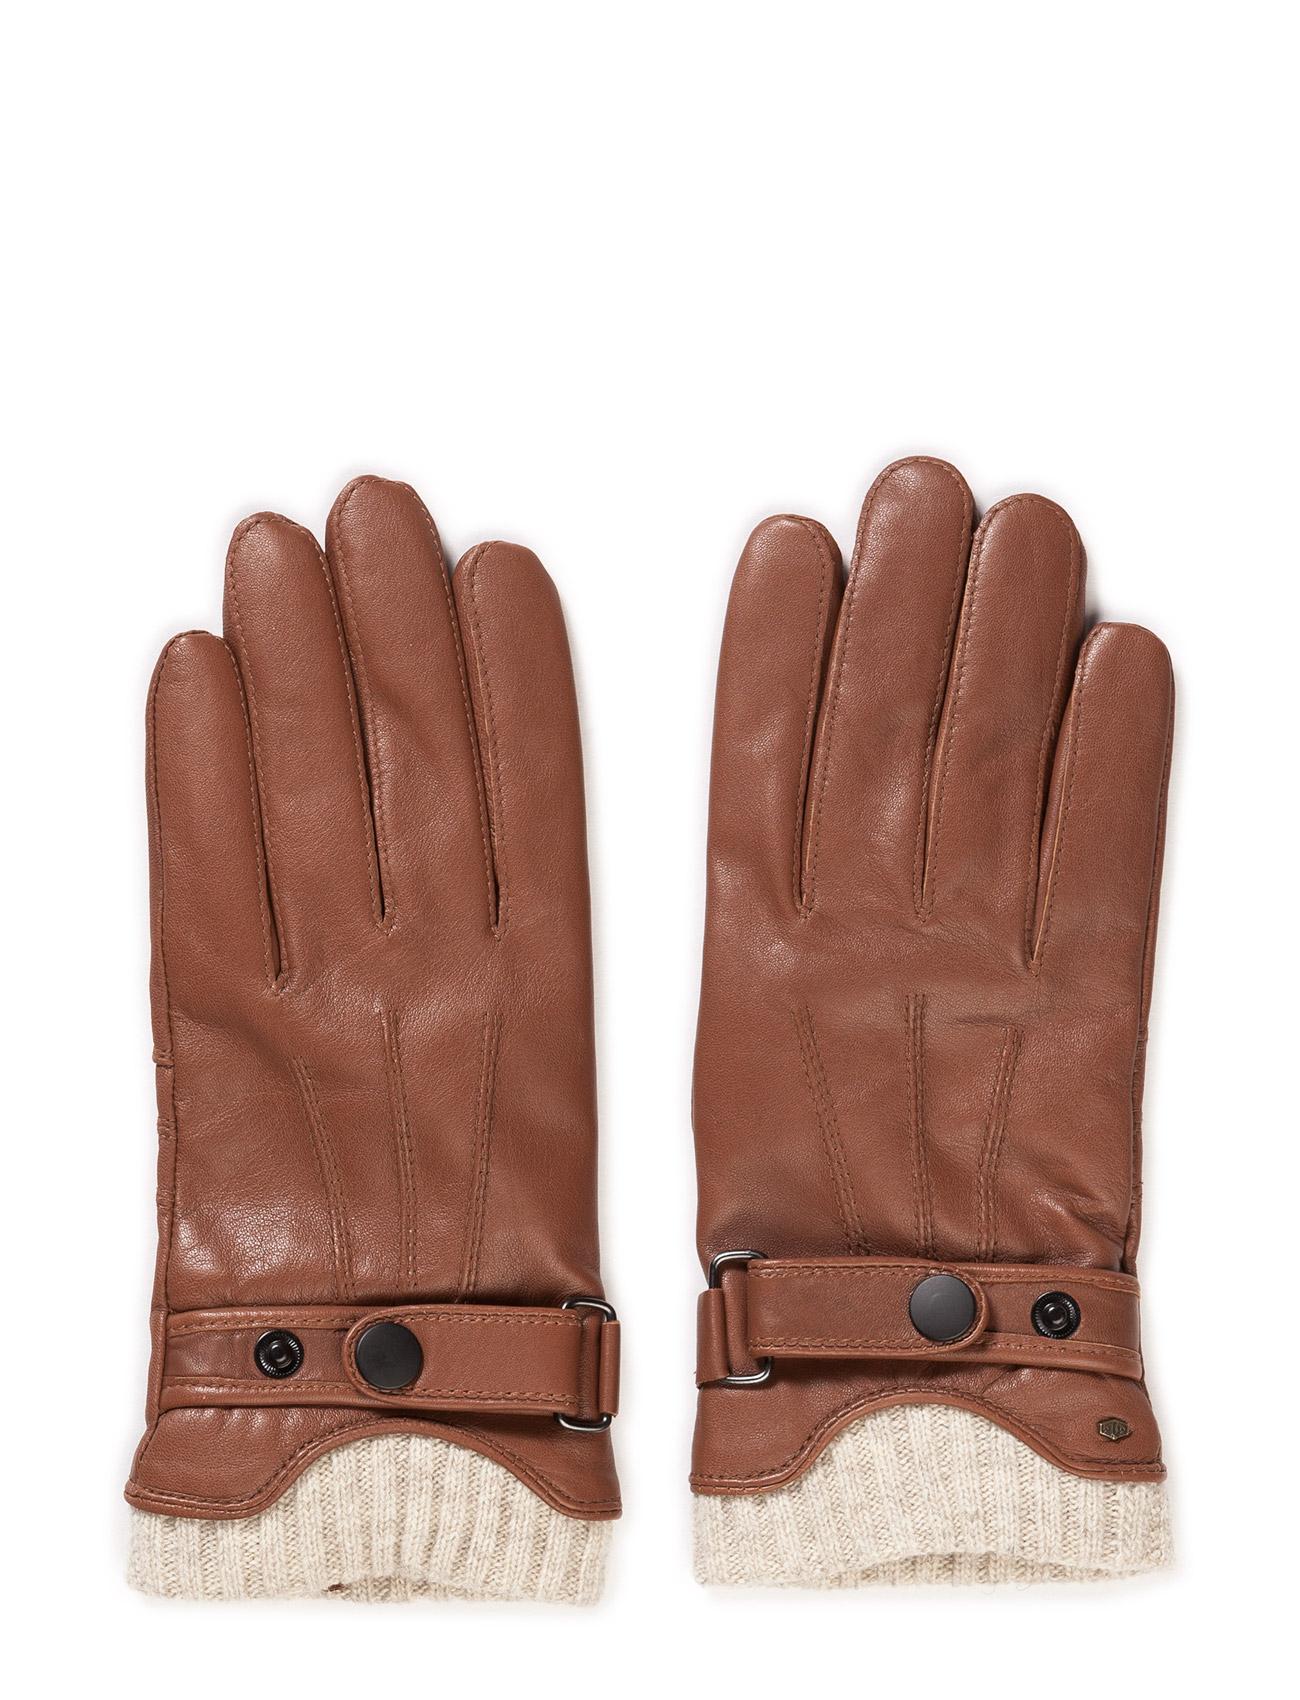 Mjm Glove Ralph Leather Black MJM Handsker til Herrer i cognac